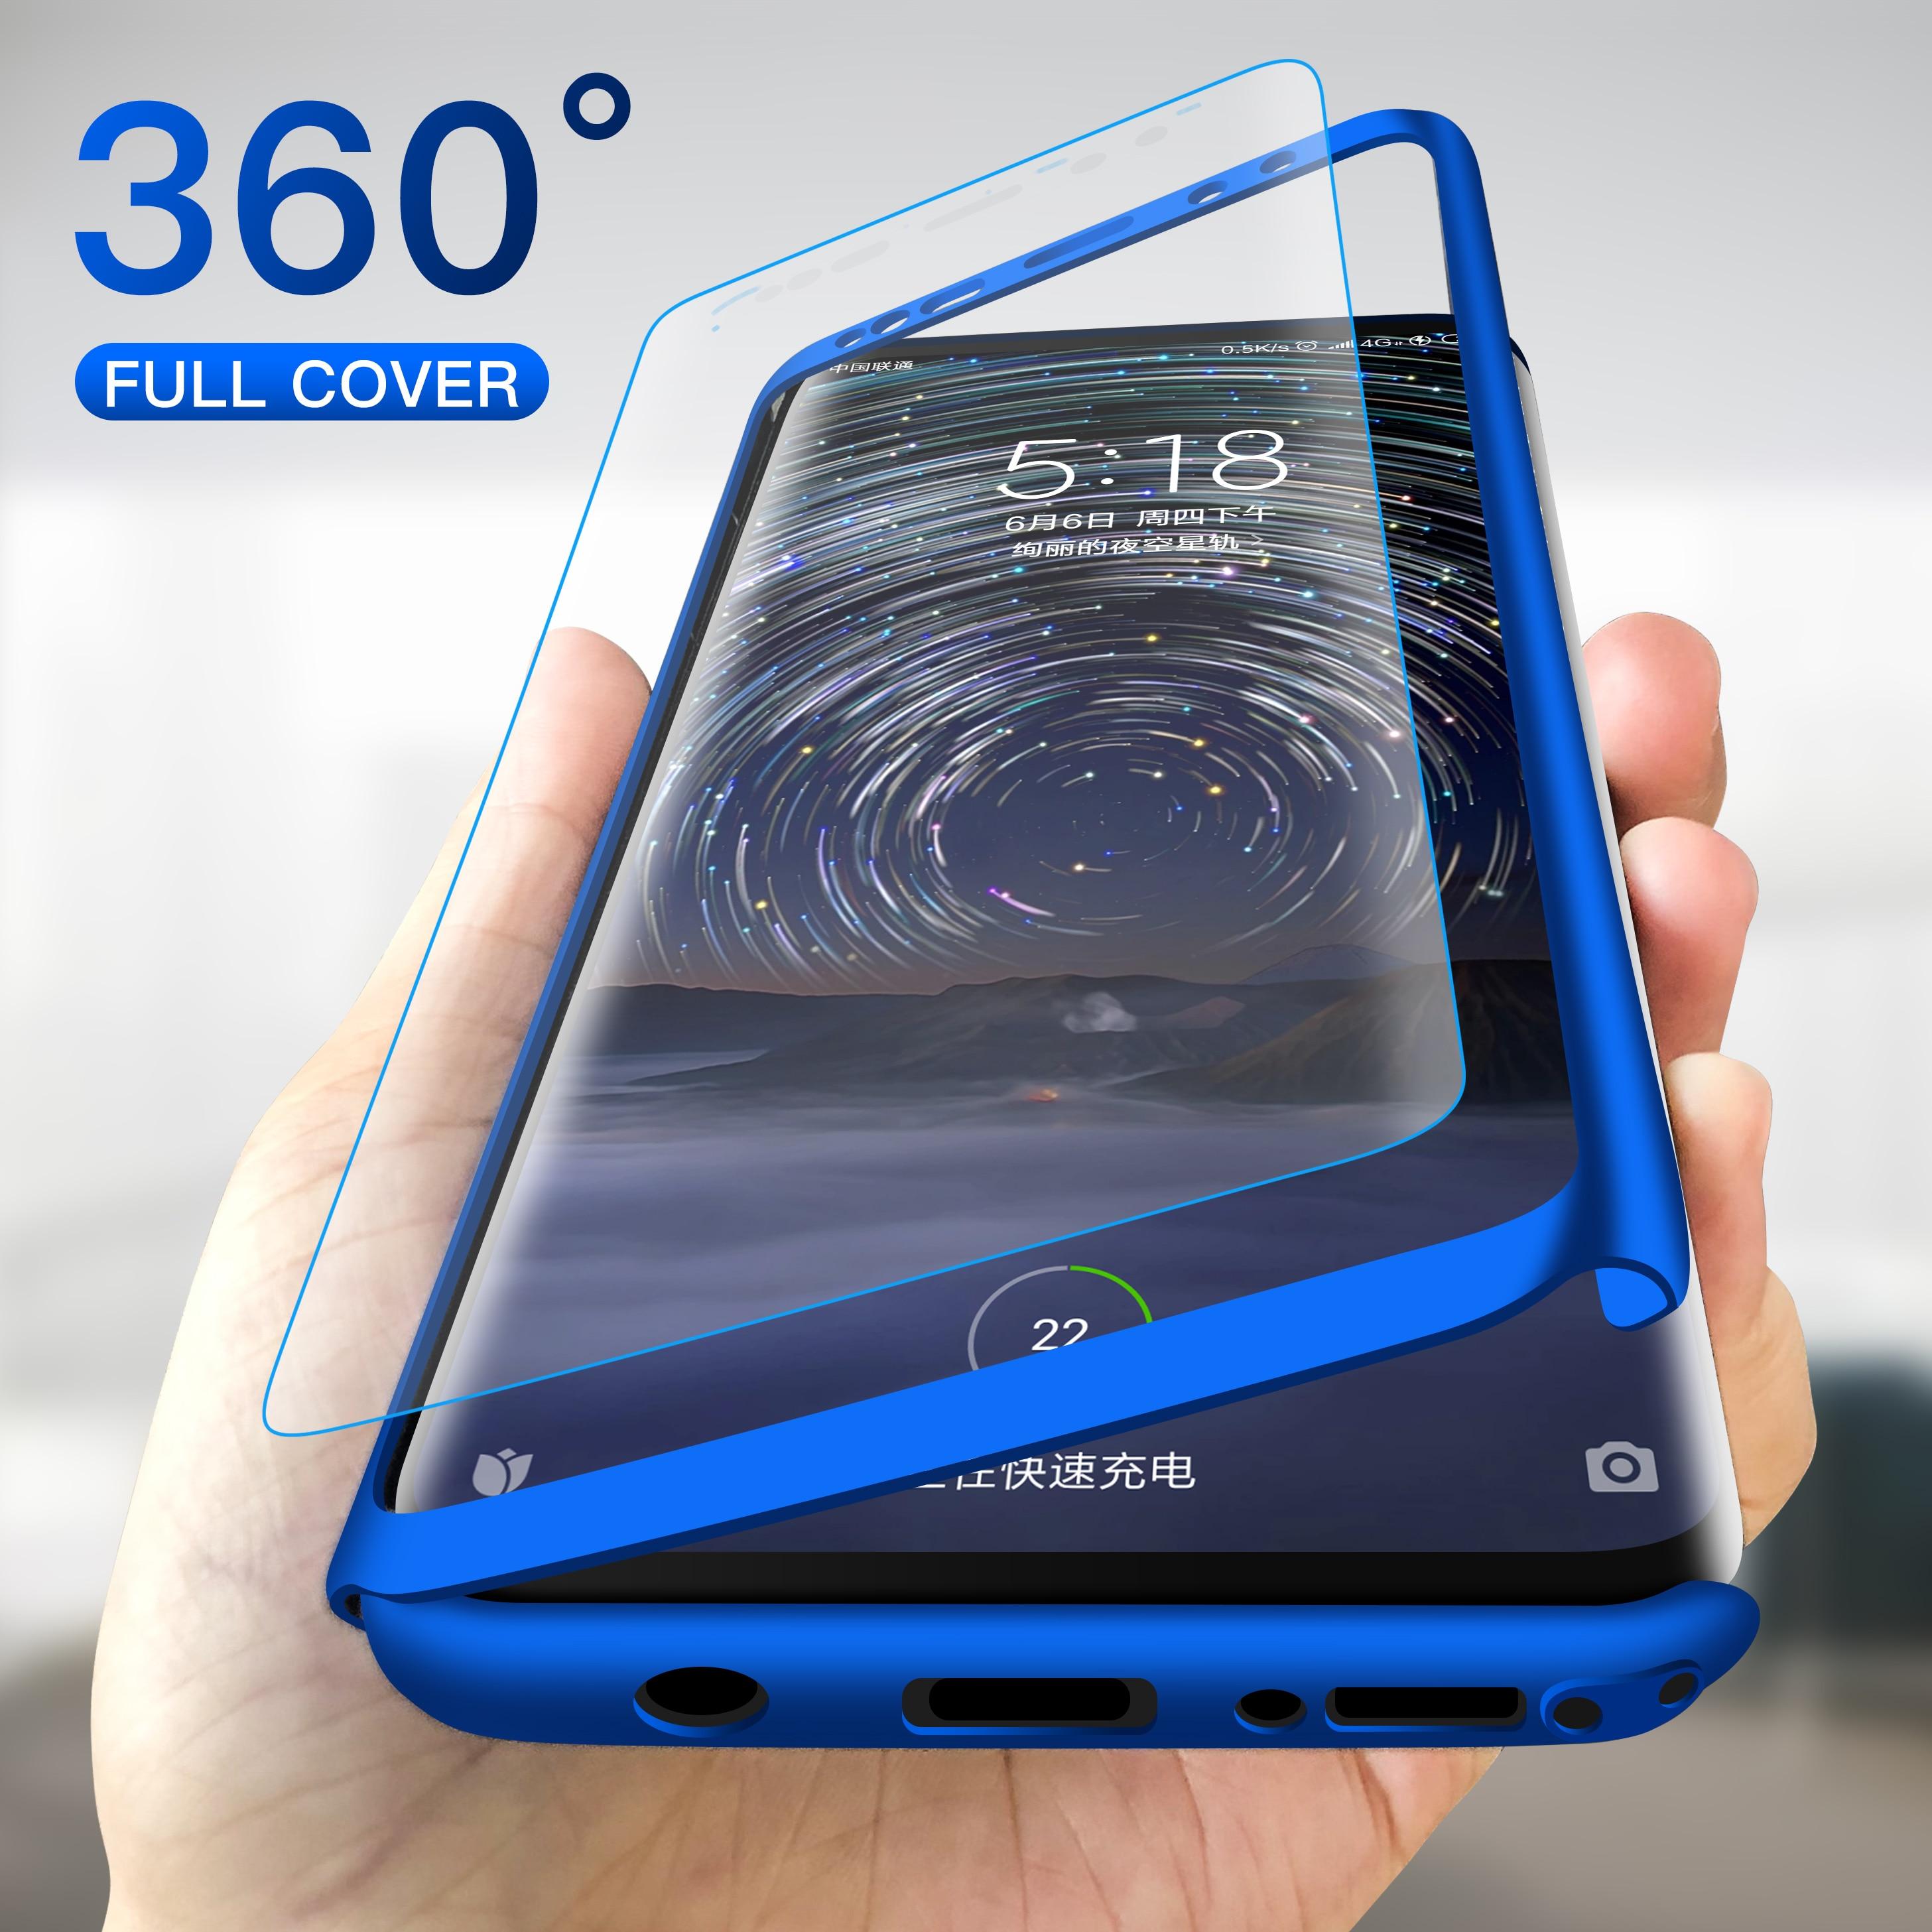 Роскошный чехол с полным покрытием 360 градусов для Samsung Galaxy M10 M20 A50 A30 A70 A40 A60 A20 A10 M30 S10 и A20E A2, задняя крышка с ядром, сумка